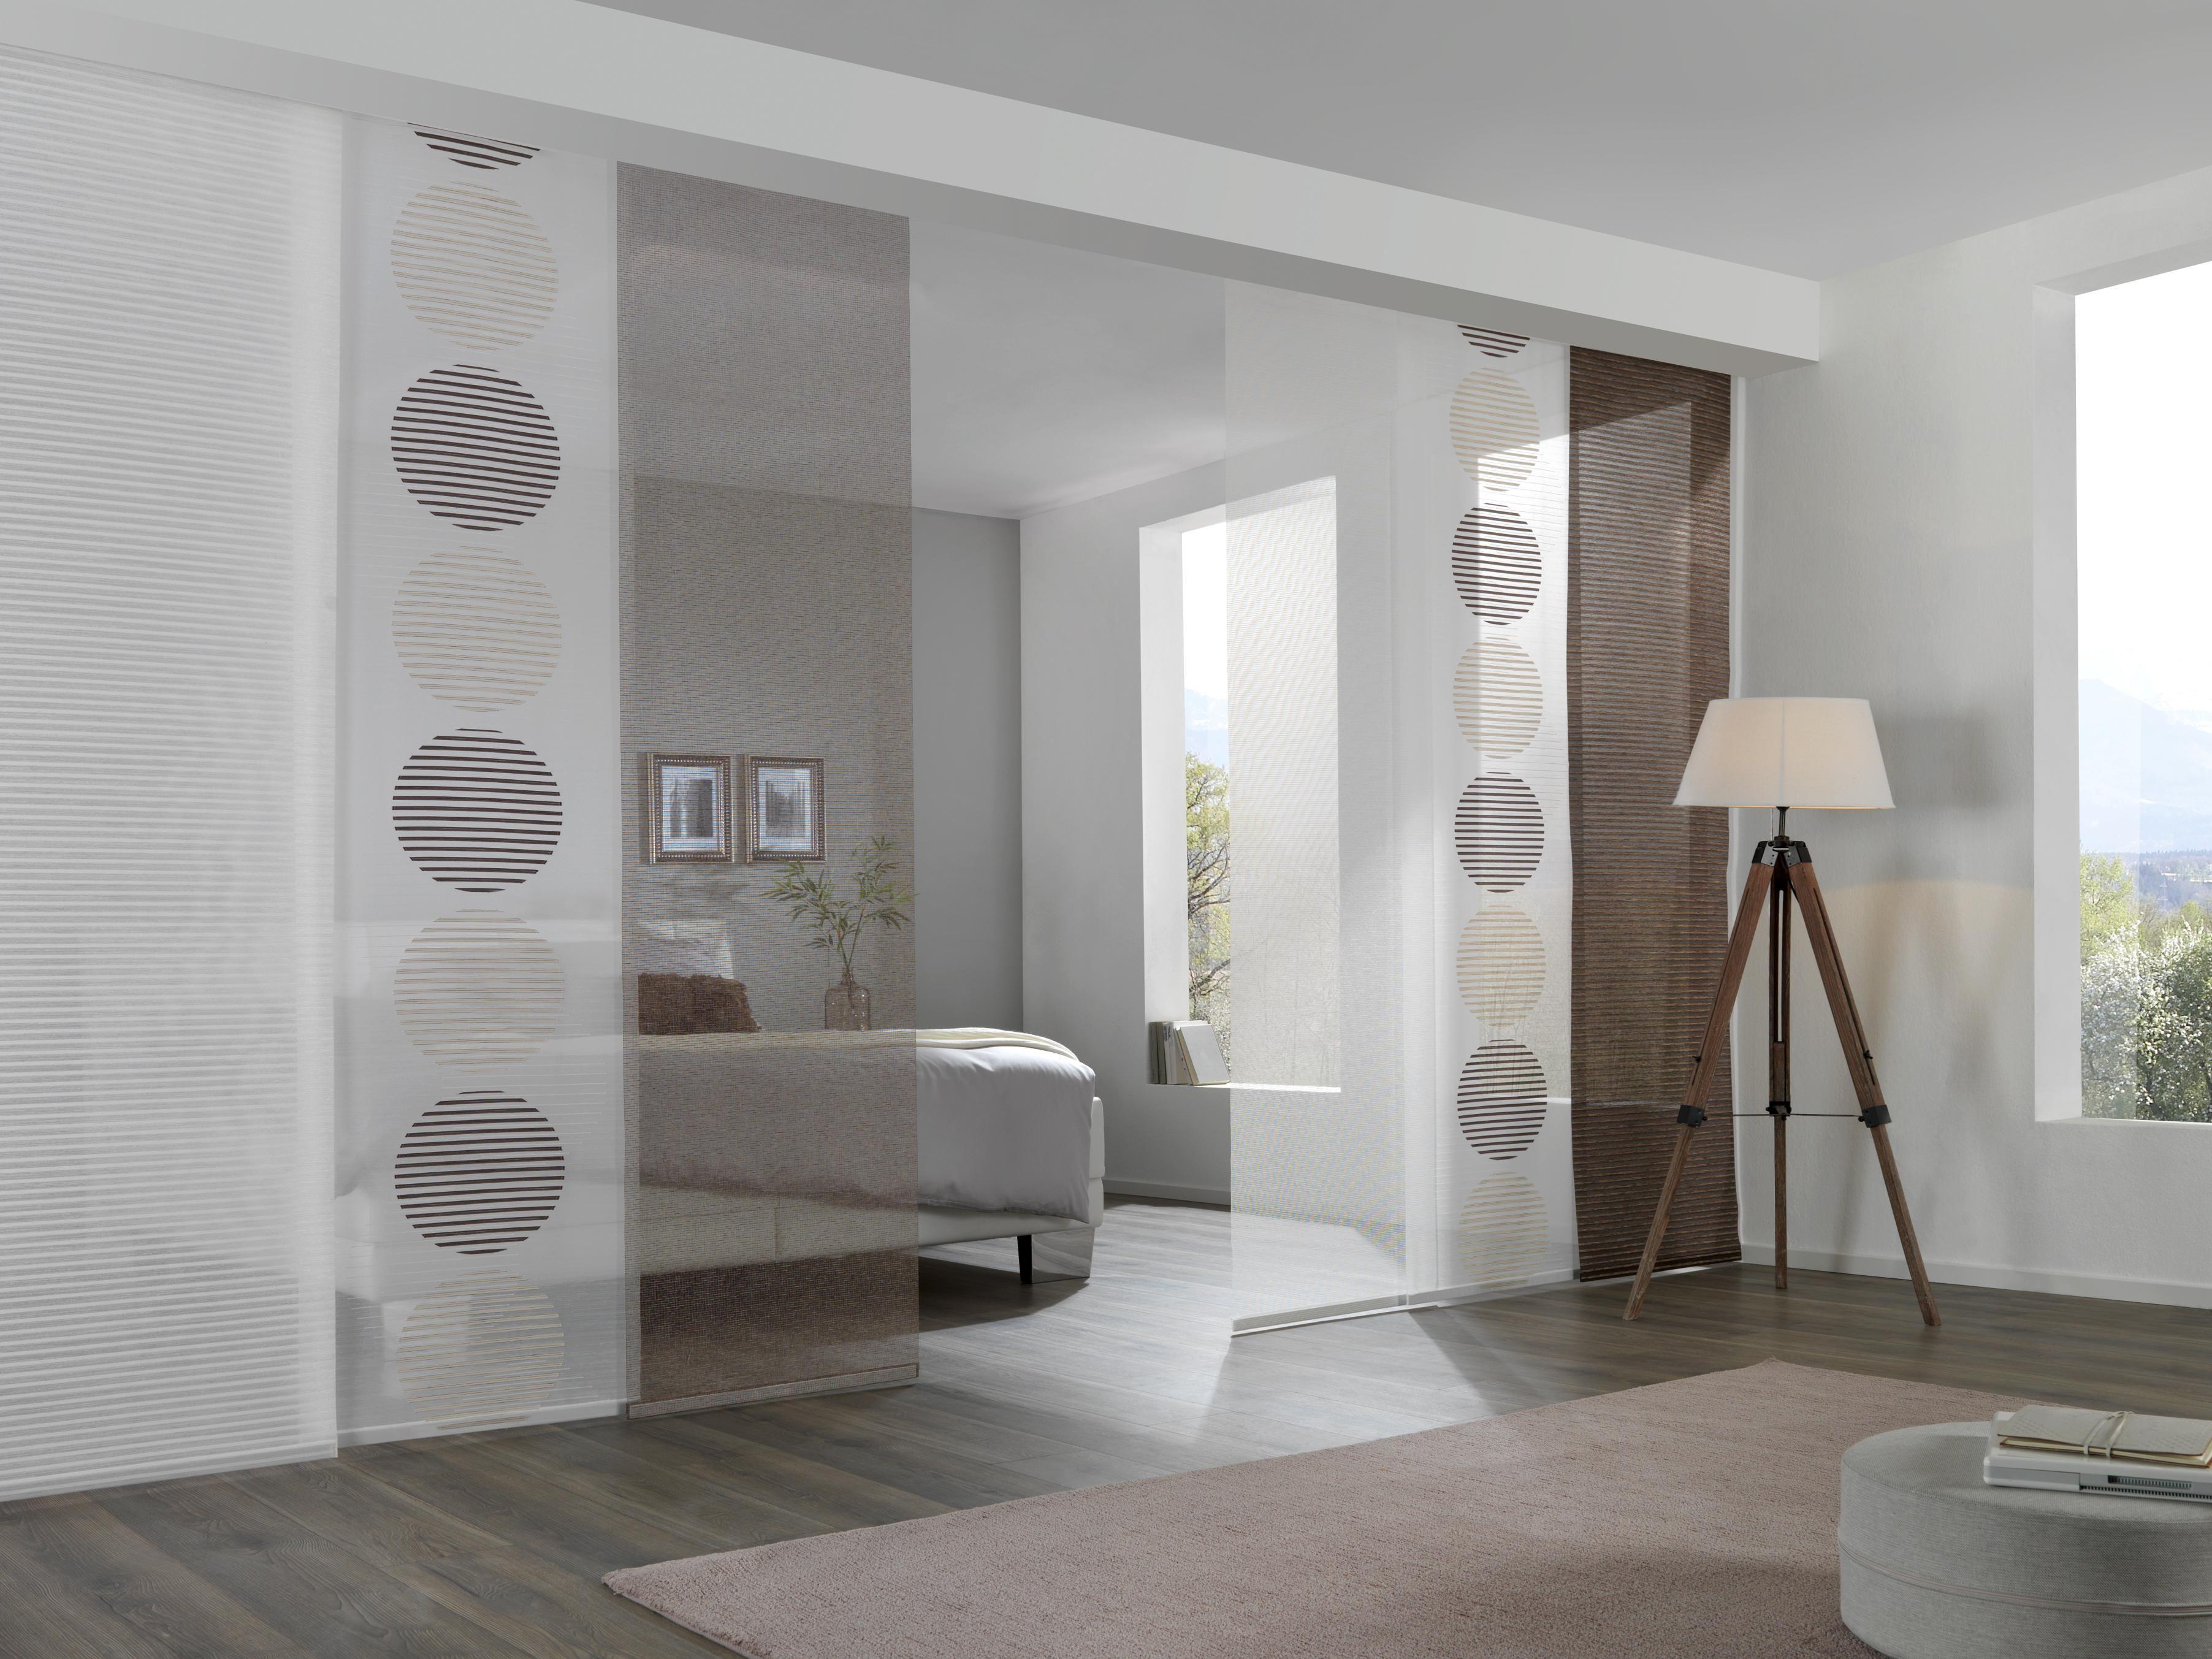 weie gardinen wohnzimmer trendy die besten gardinen wohnzimmer ideen auf pinterest deko with. Black Bedroom Furniture Sets. Home Design Ideas